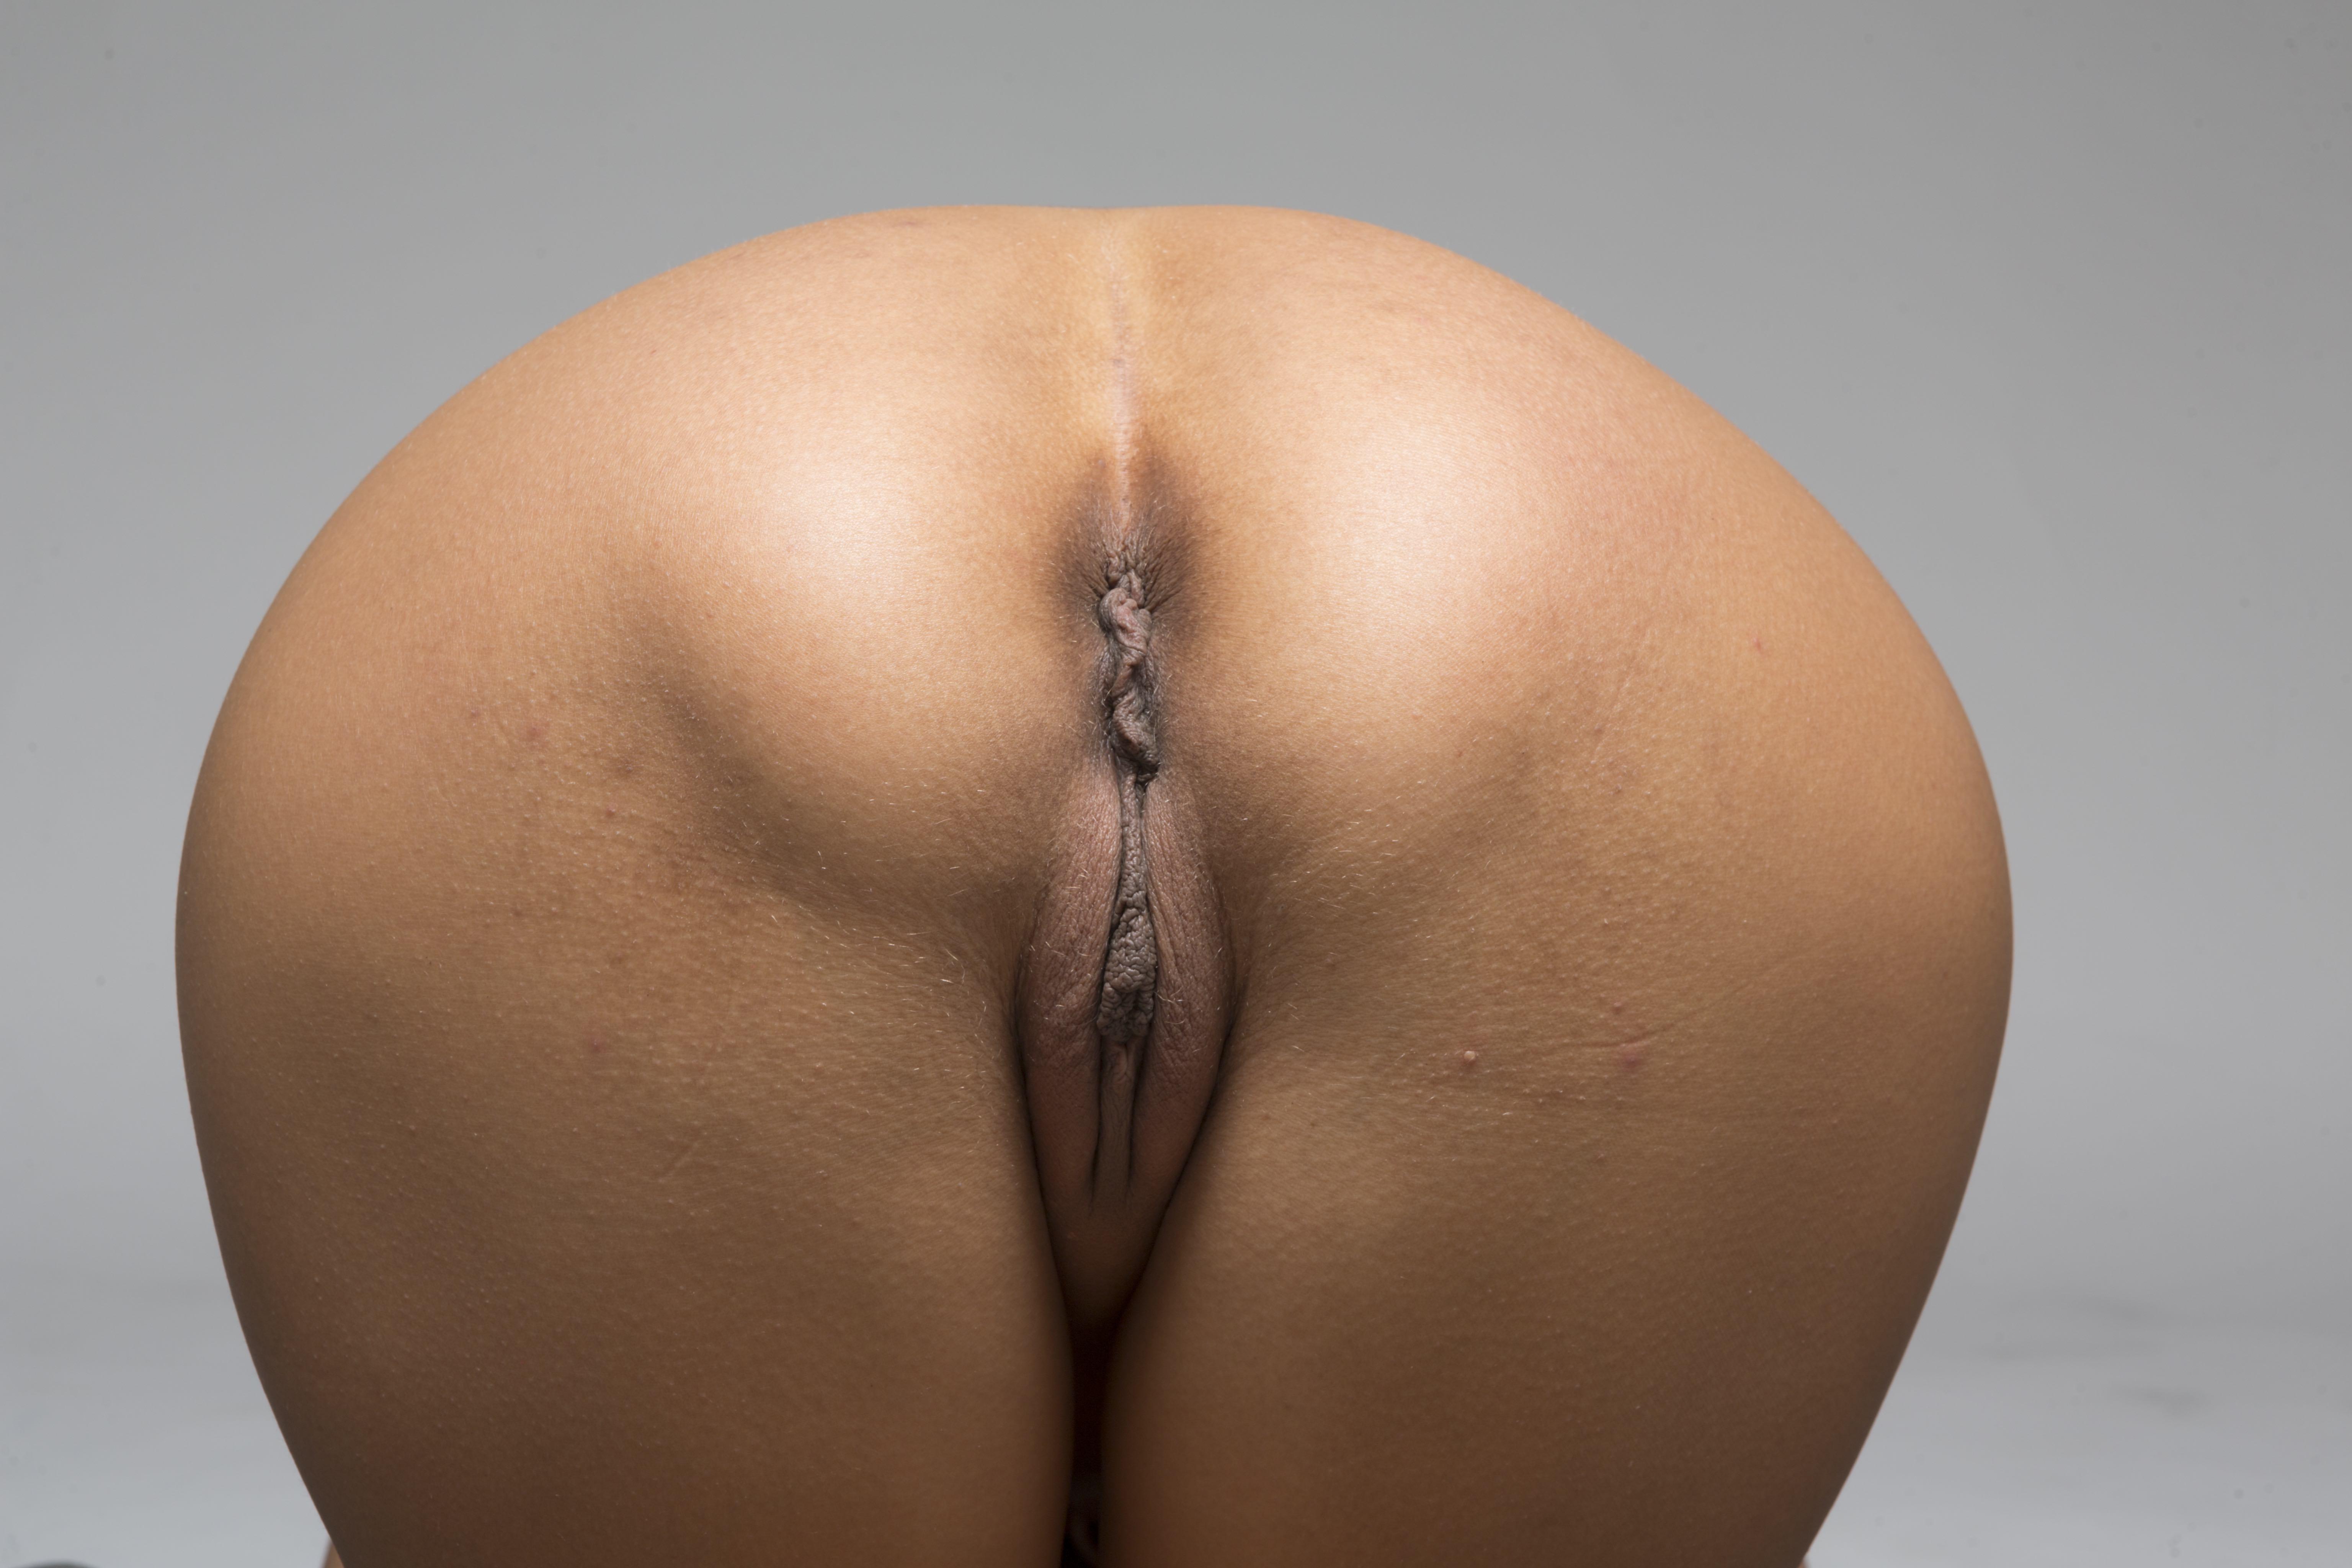 Los pechos y el coño son partes del cuerpo natural, que mania en esconderlos